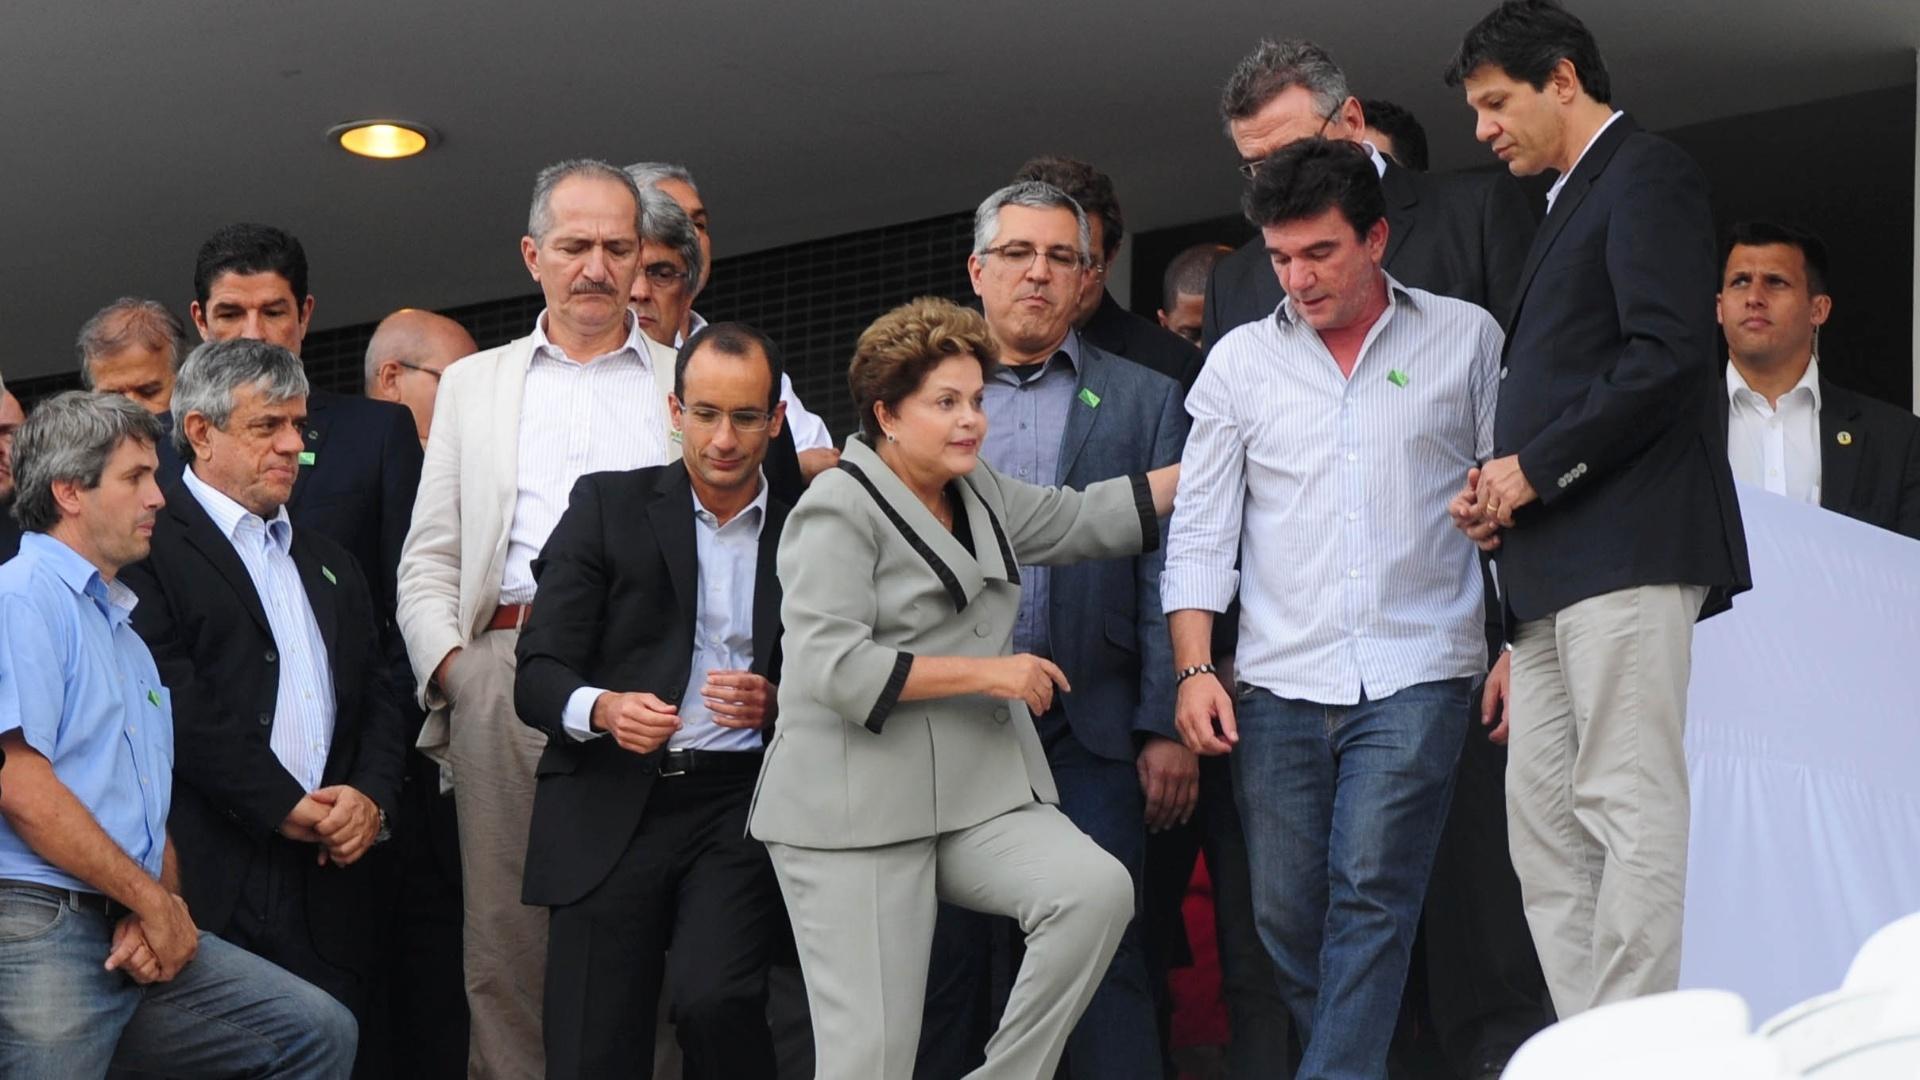 08.05.14 - Presidente Dilma Rousseff visita tribunas do Itaquerão ao lado de Aldo Rebelo, Alexandre Padilha, Fernando Haddad, Andrés Sanchez e Mário Gobbi